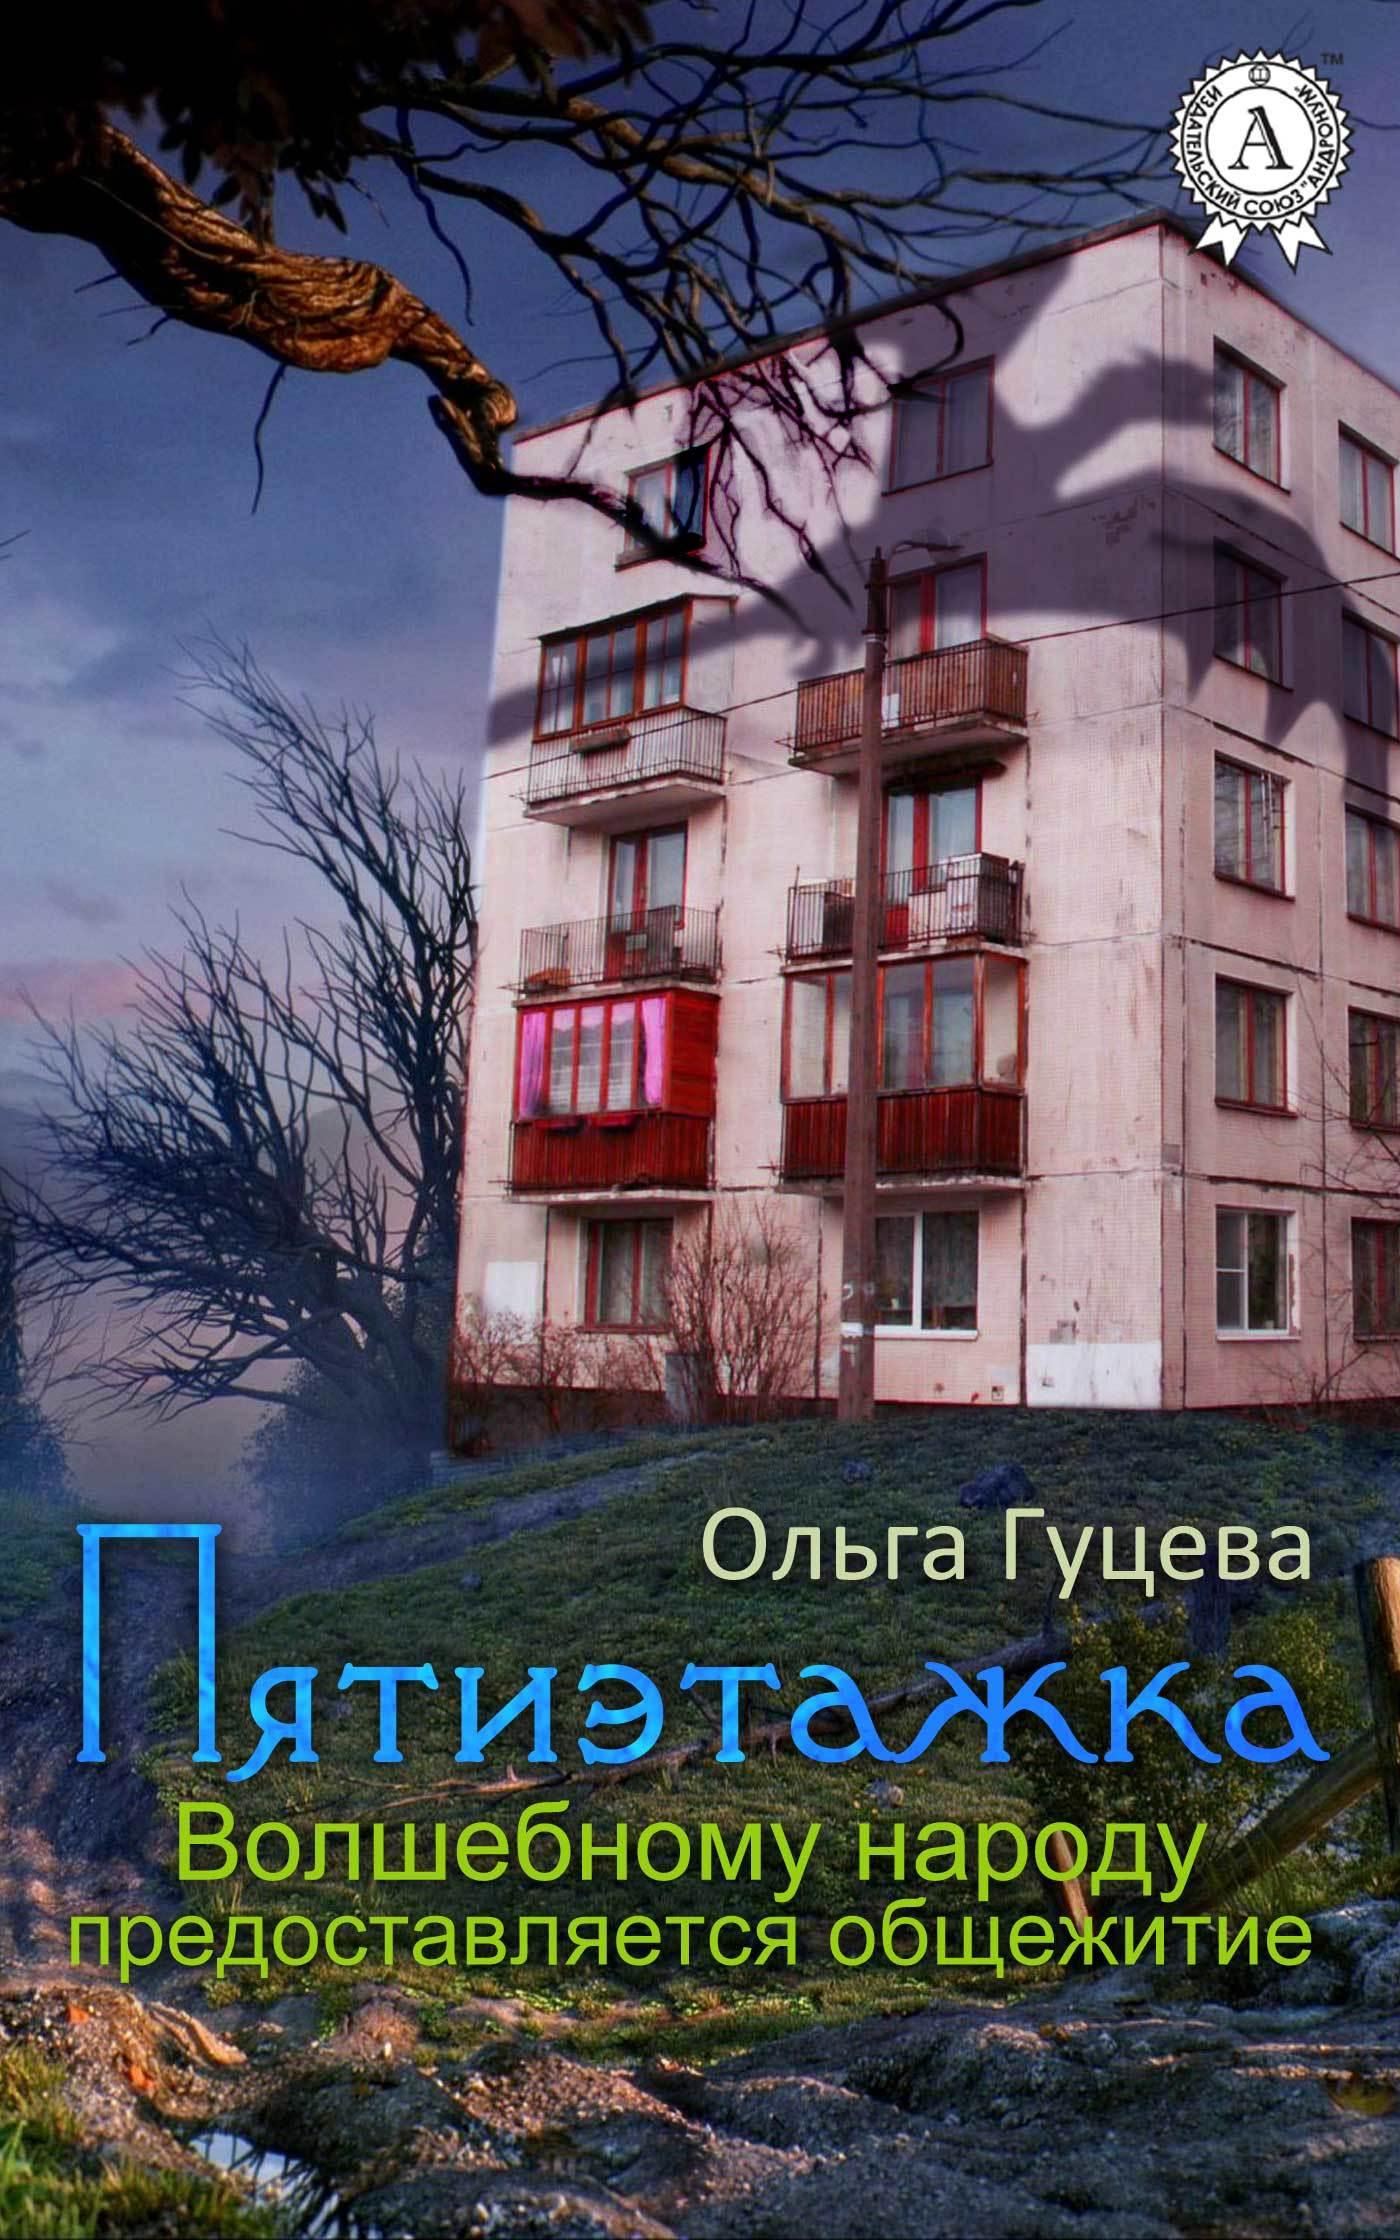 Ольга Гуцева Пятиэтажка. Волшебному народу предоставляется общежитие